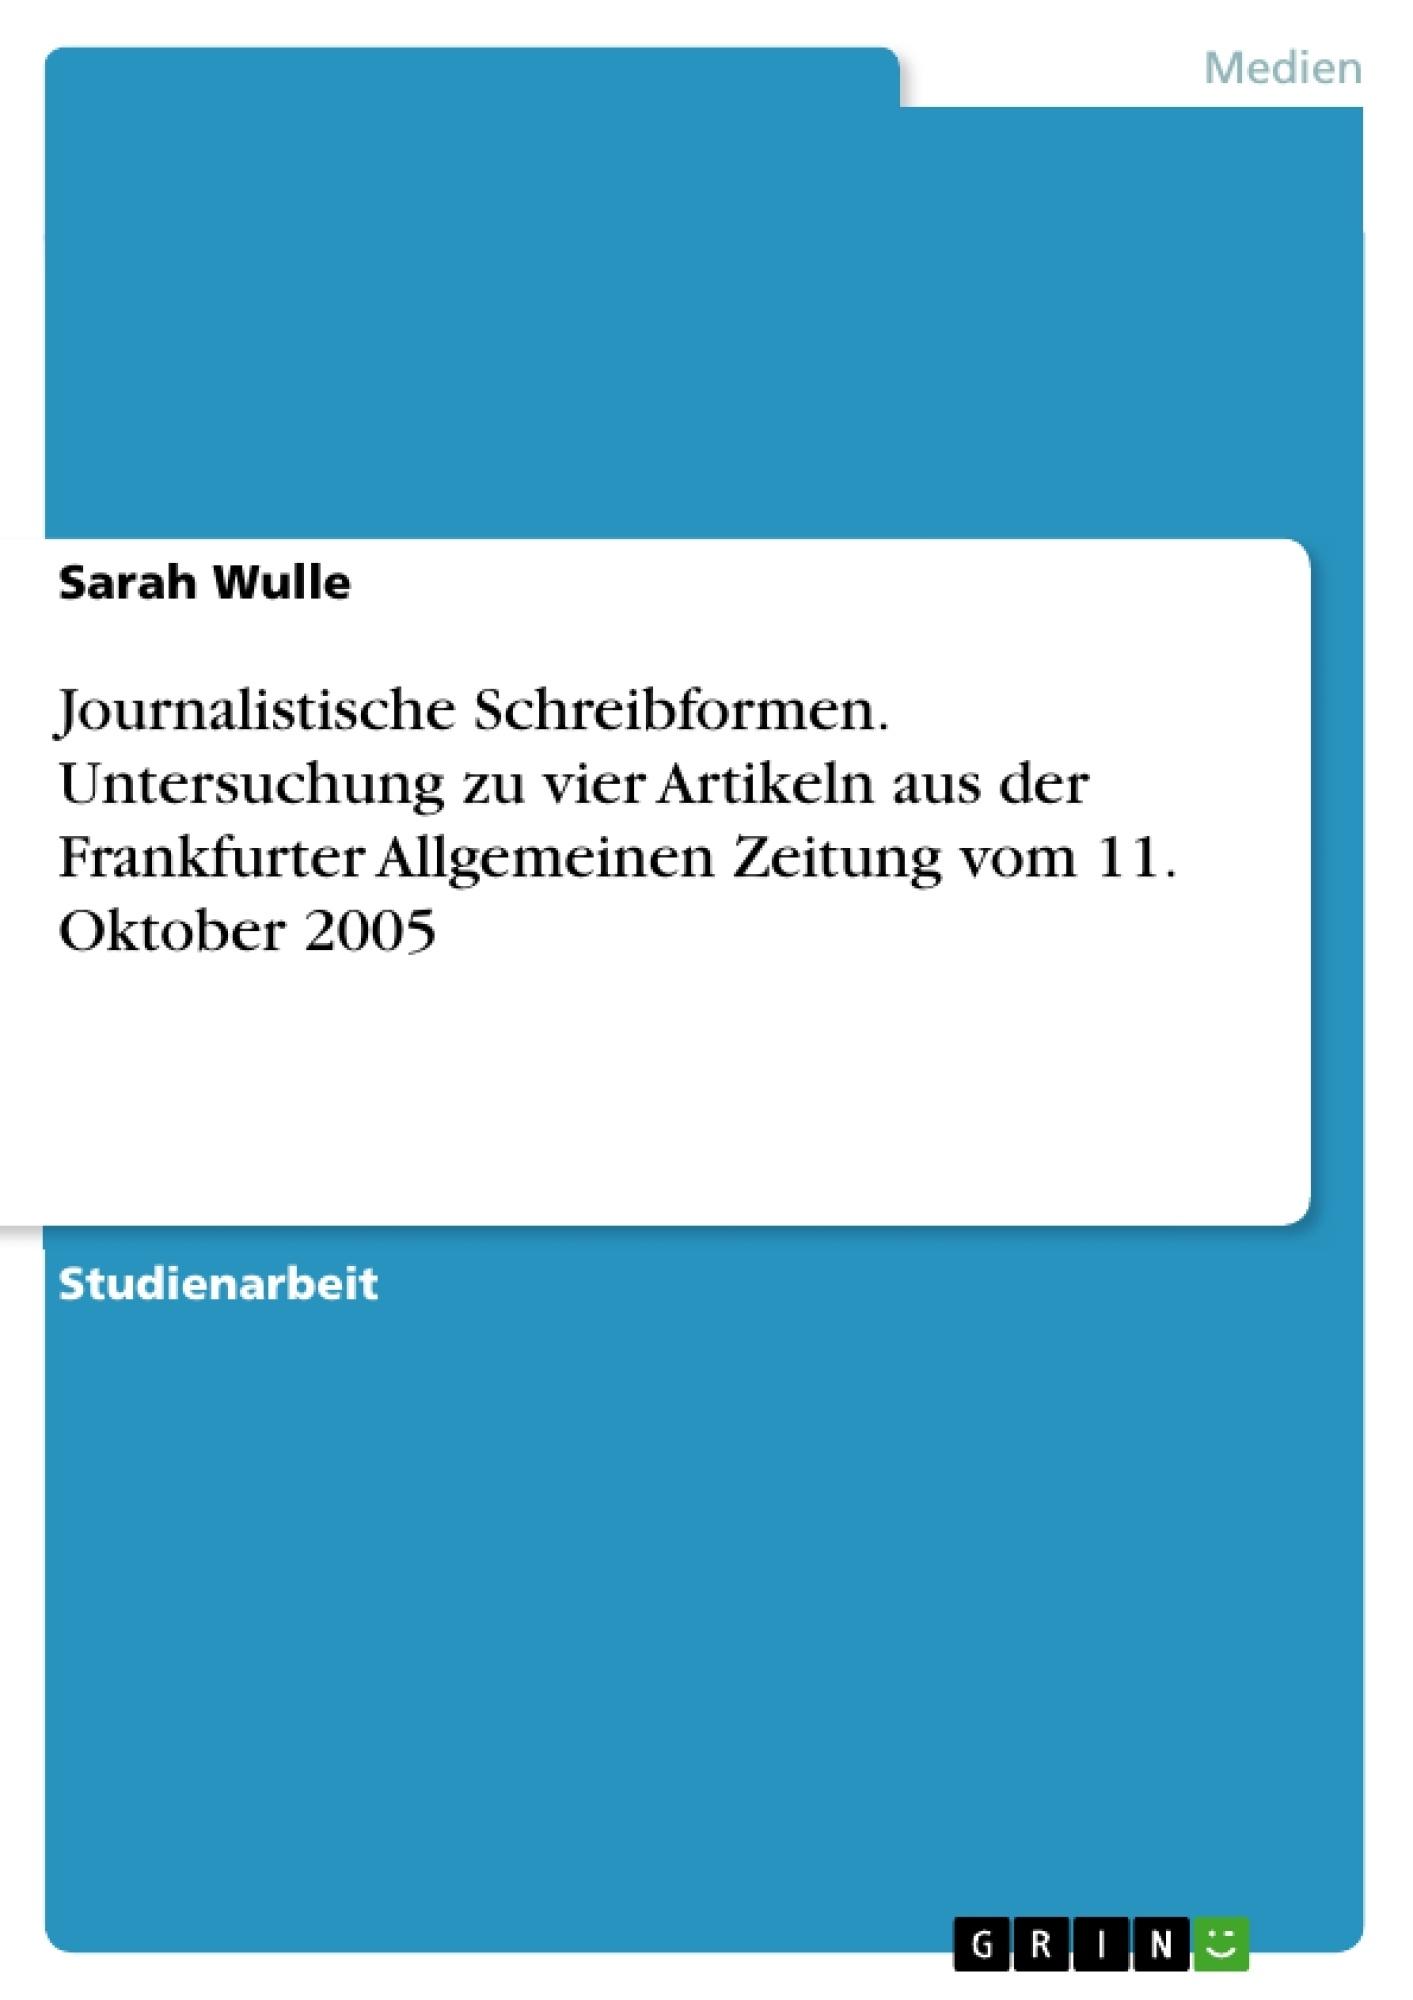 Titel: Journalistische Schreibformen. Untersuchung zu vier Artikeln aus der Frankfurter Allgemeinen Zeitung vom 11. Oktober 2005